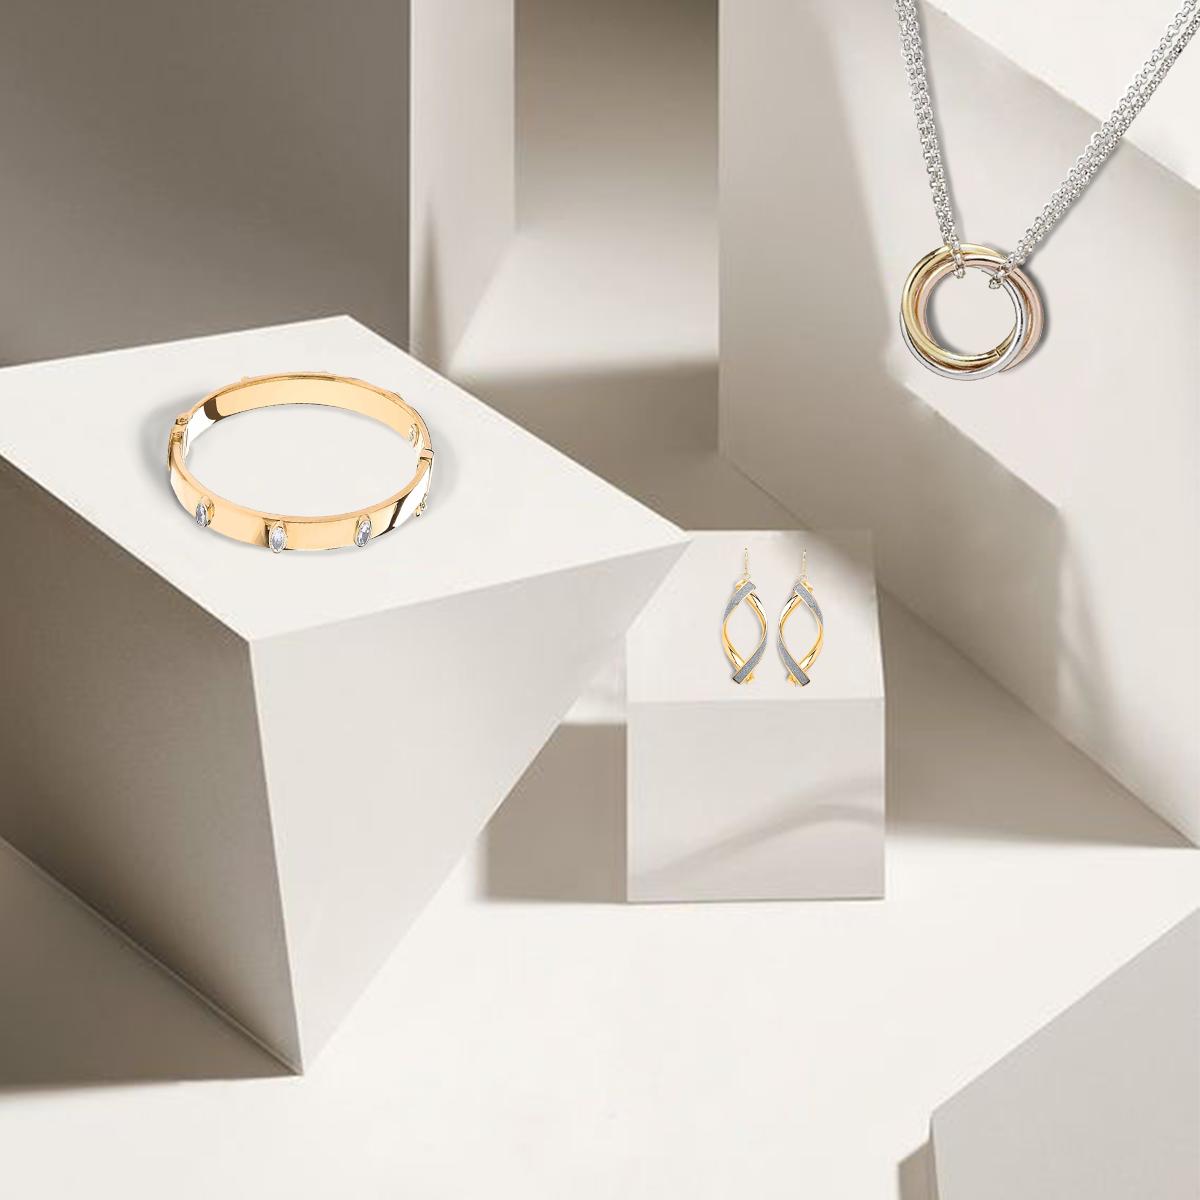 fjewellery